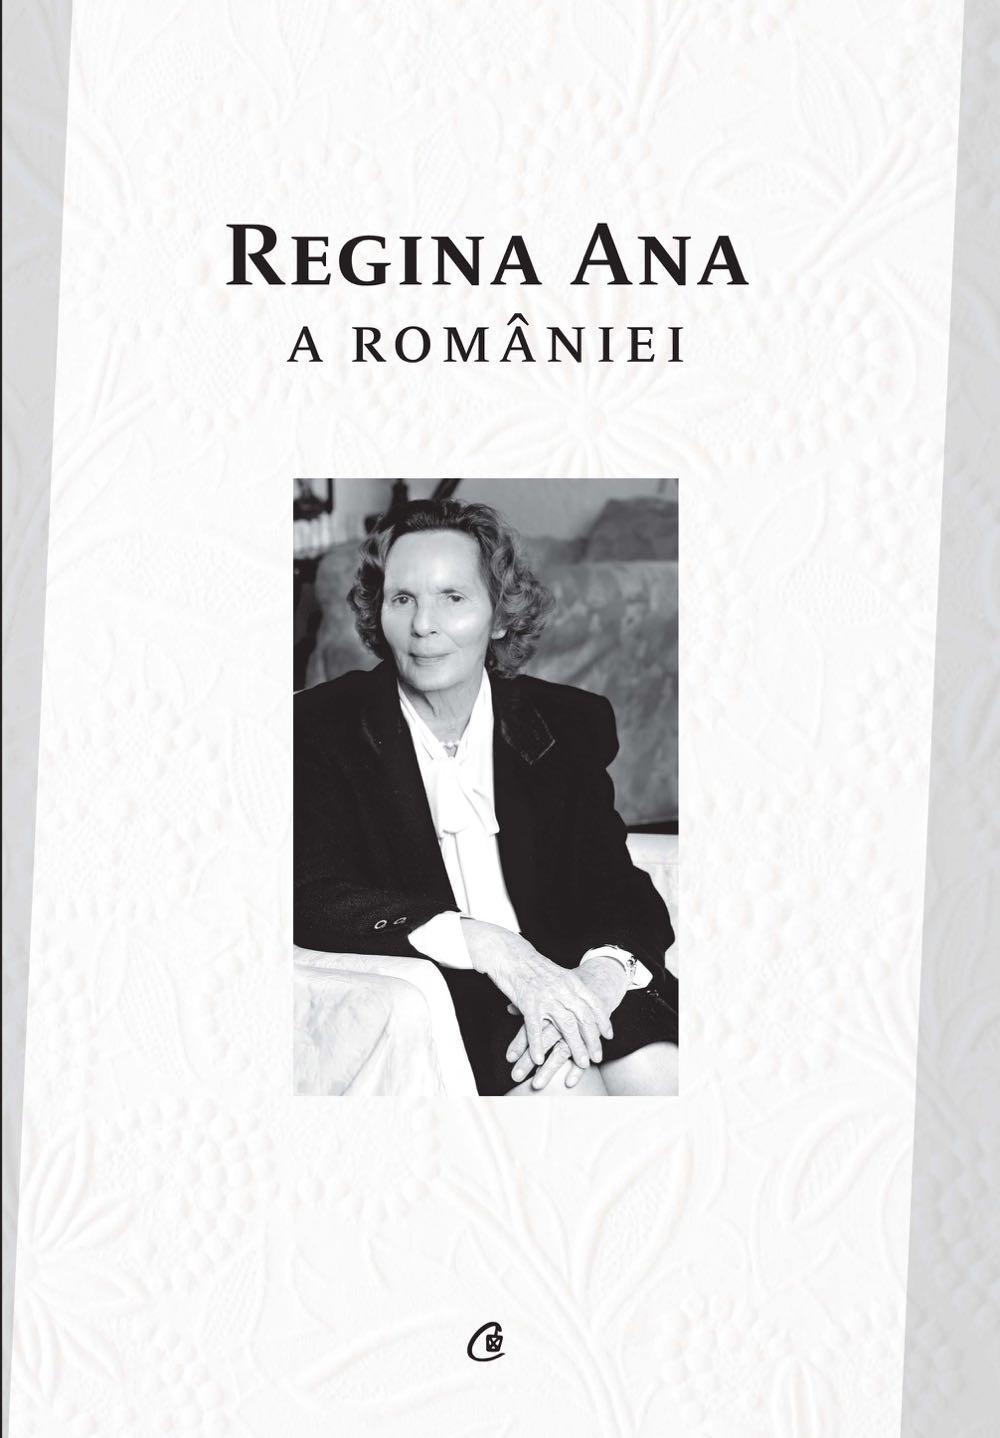 Regina Ana, ultimul drum, Editura Curtea Veche, 2017